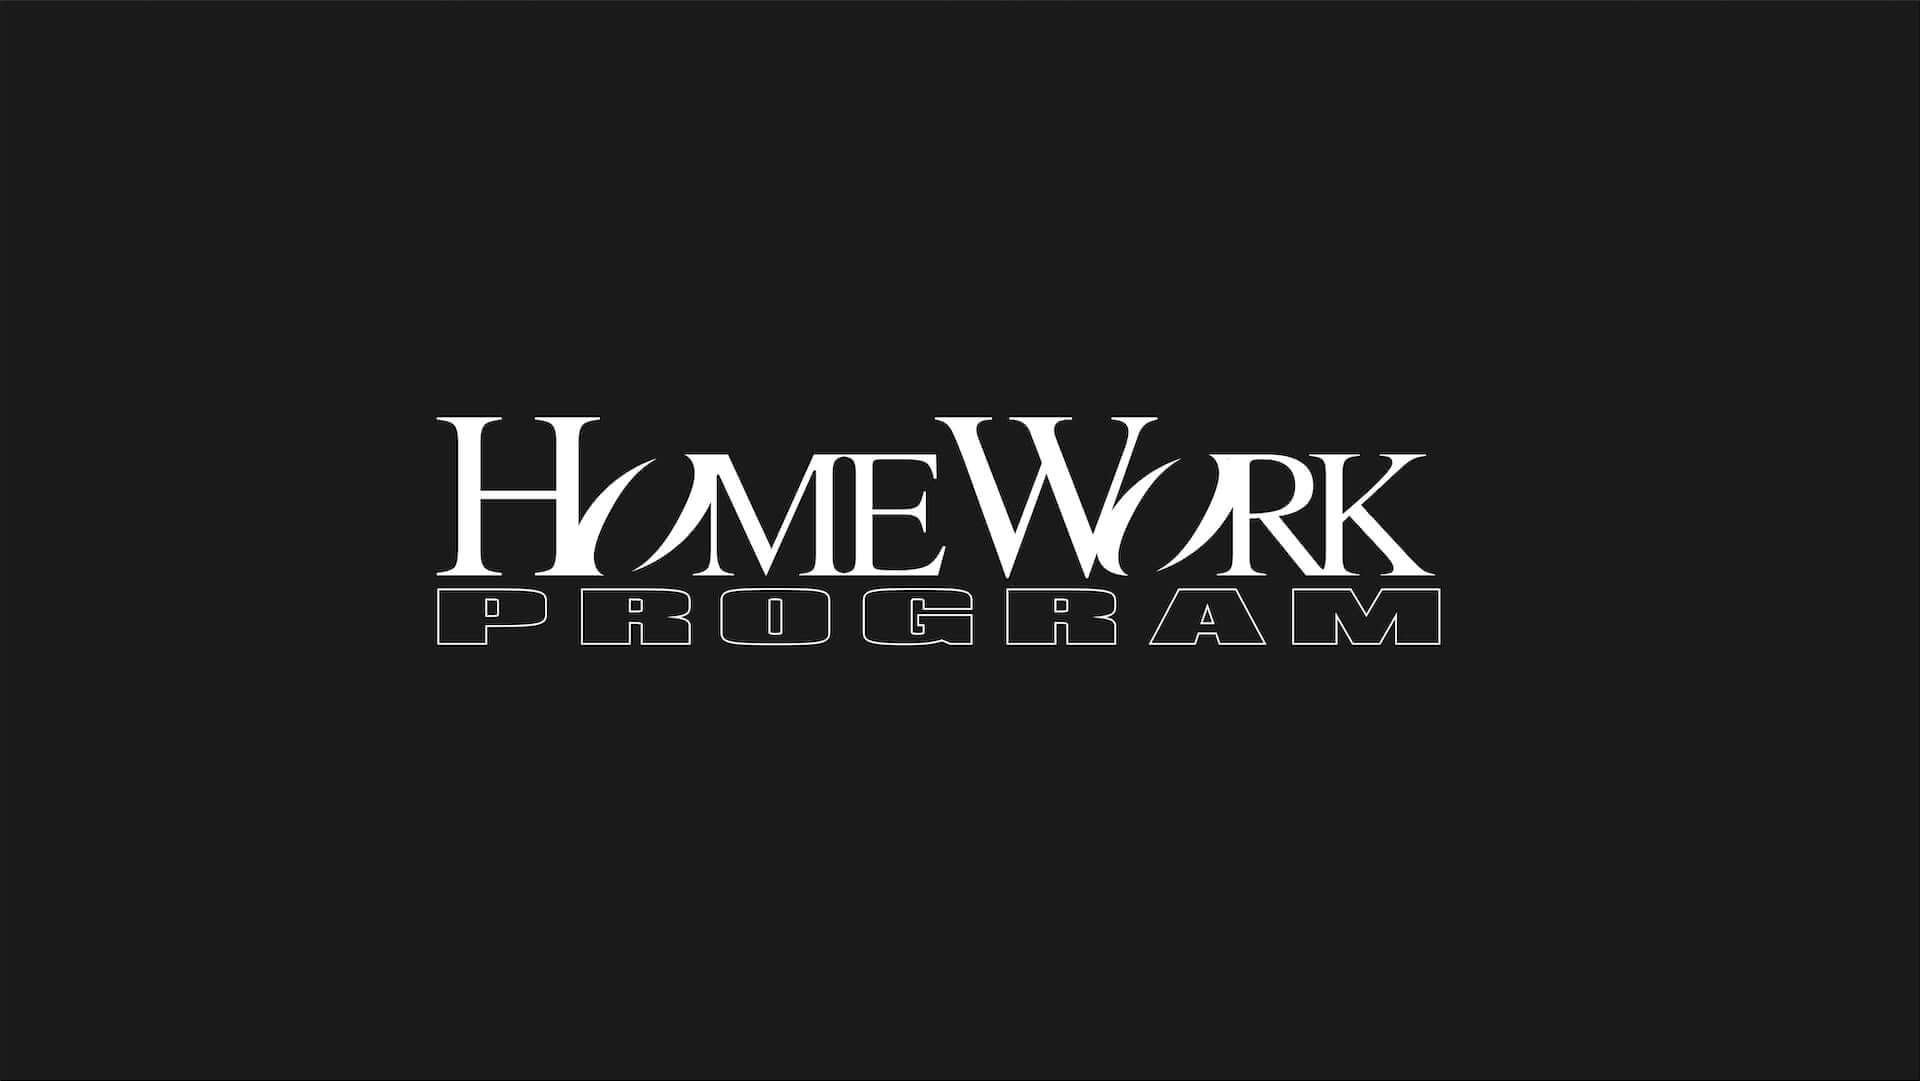 謎の部屋からの配信番組『HOMEWORK PROGRAM』に、Tomgggがライブセットで登場!テーマは「ゆるゆるマッシュアップ」 music200617_homework_program_2-1920x1081